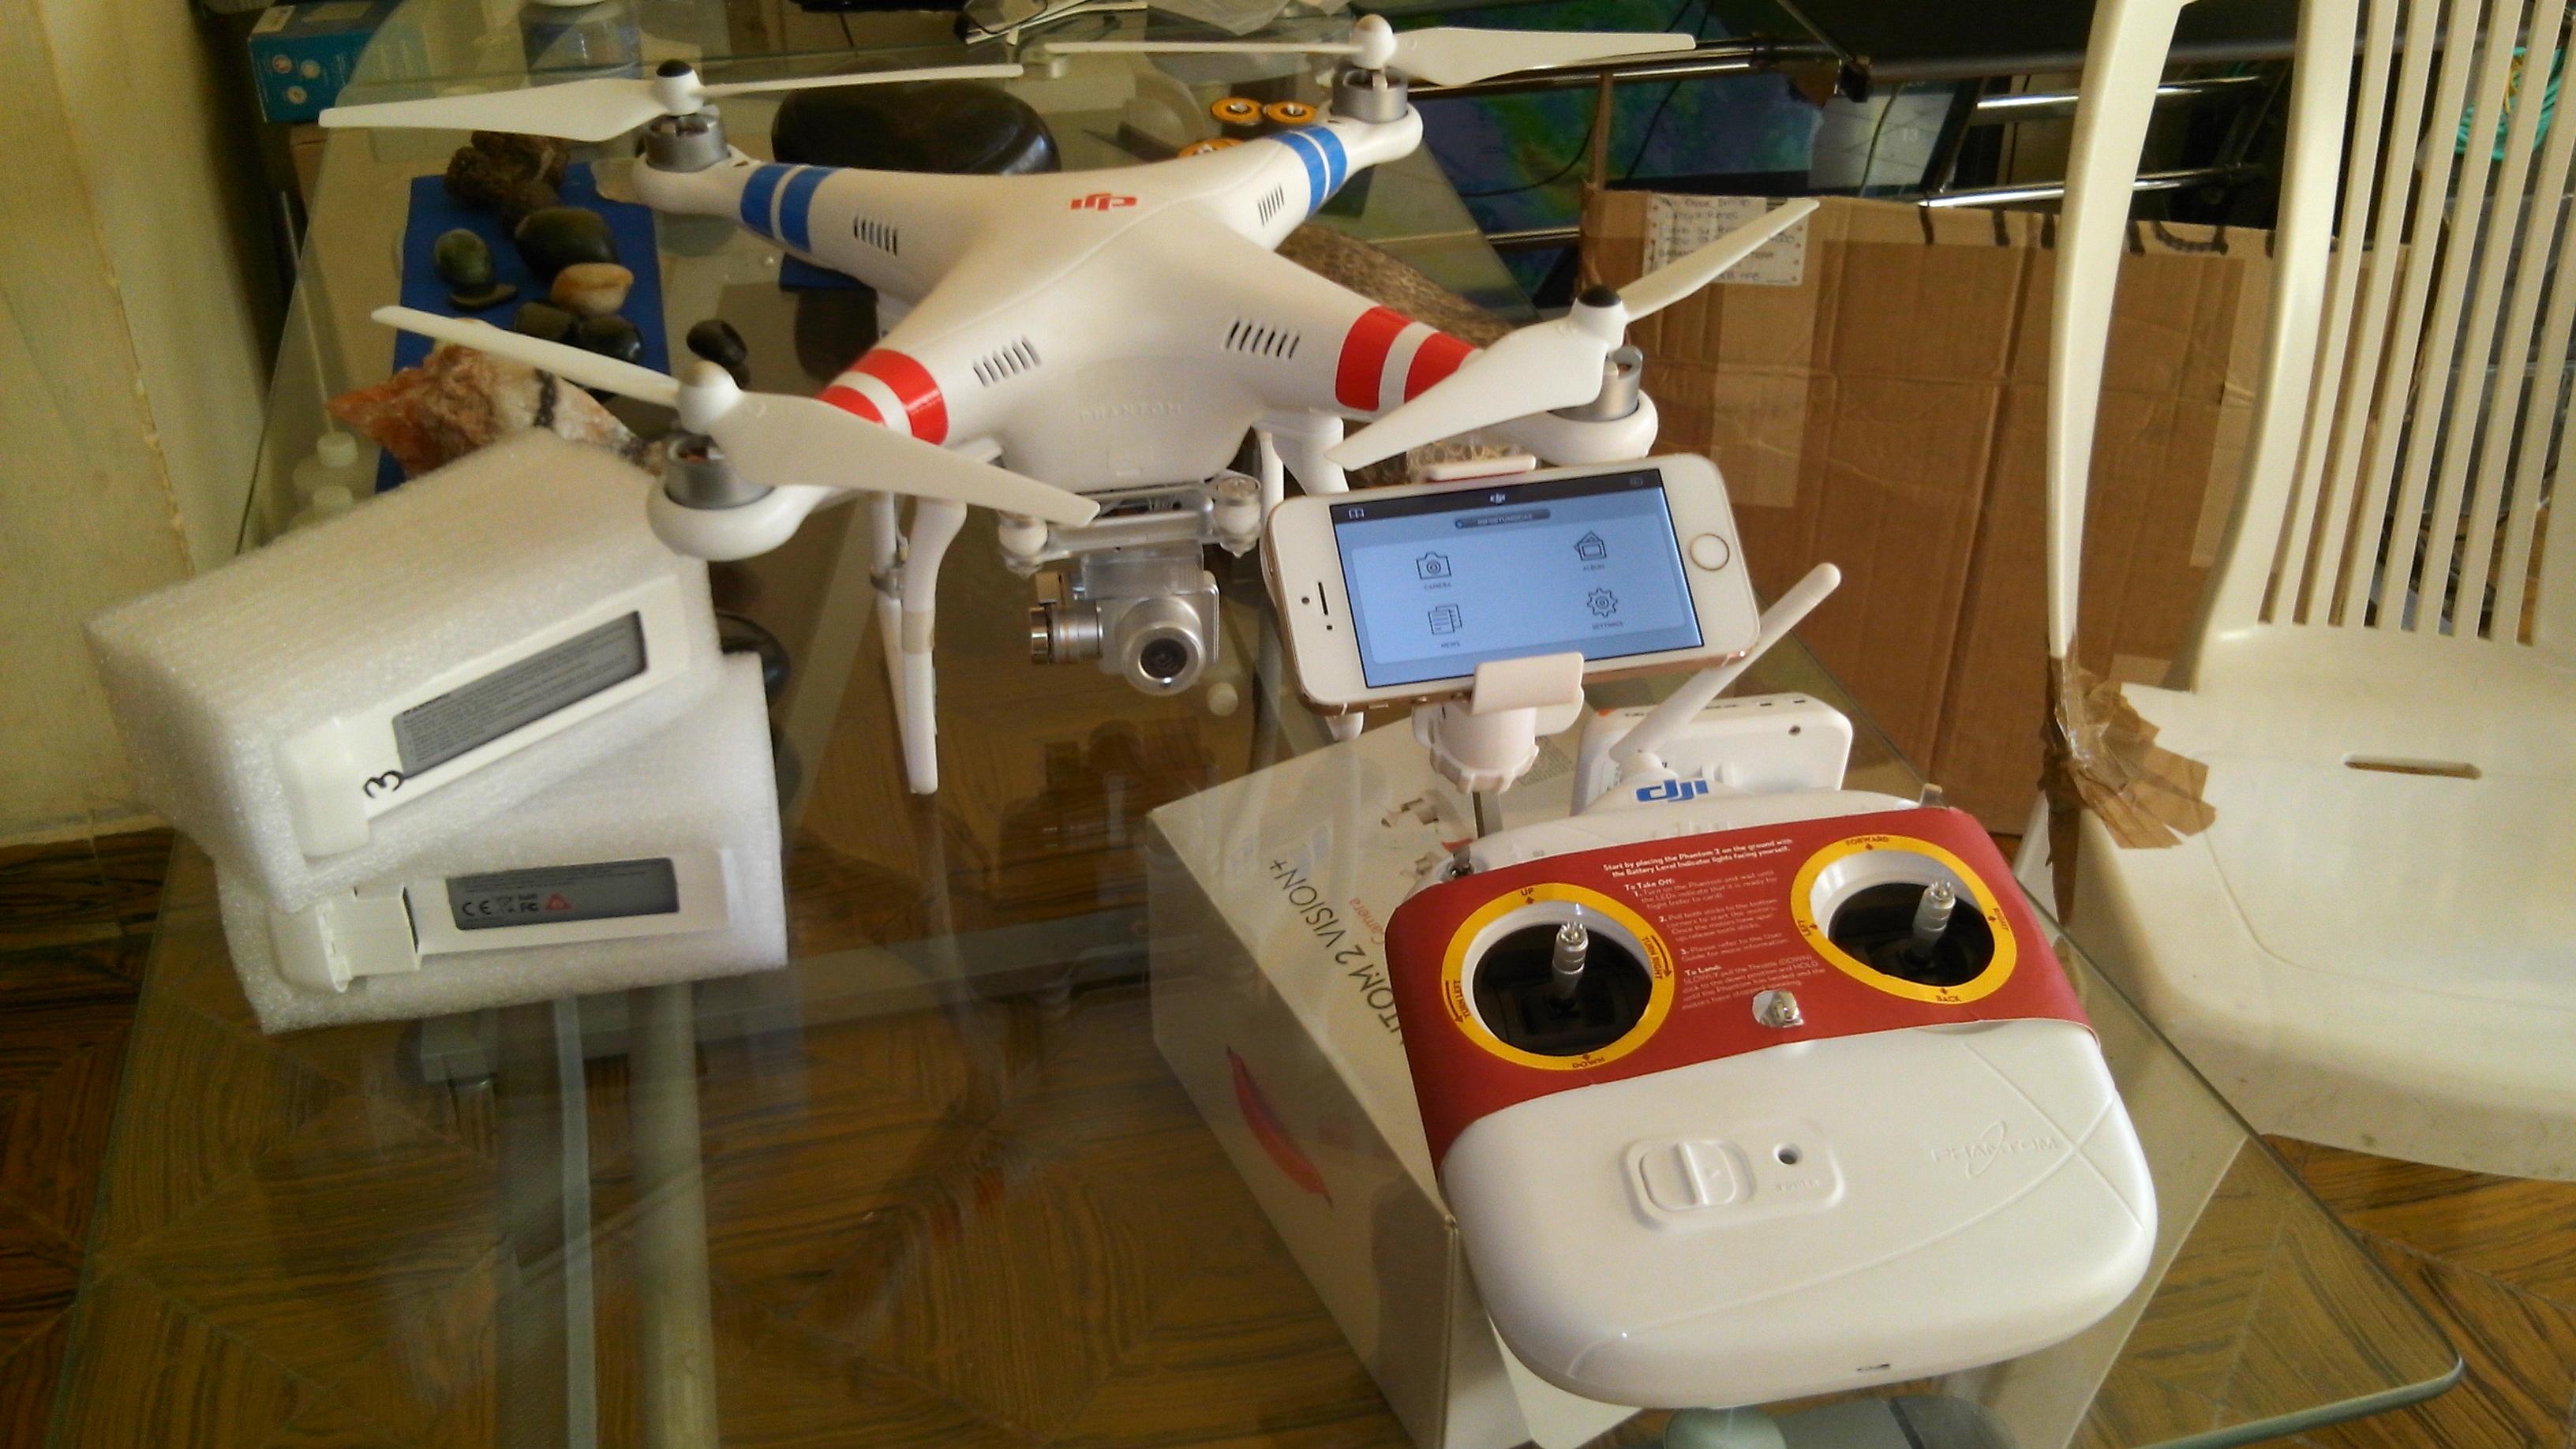 MEGA RIFA MEGA RIFA DRONE, EURO ACE 350 Y MERLYN I Bbeb48fd1556ccaef755dfbb28dac6bco